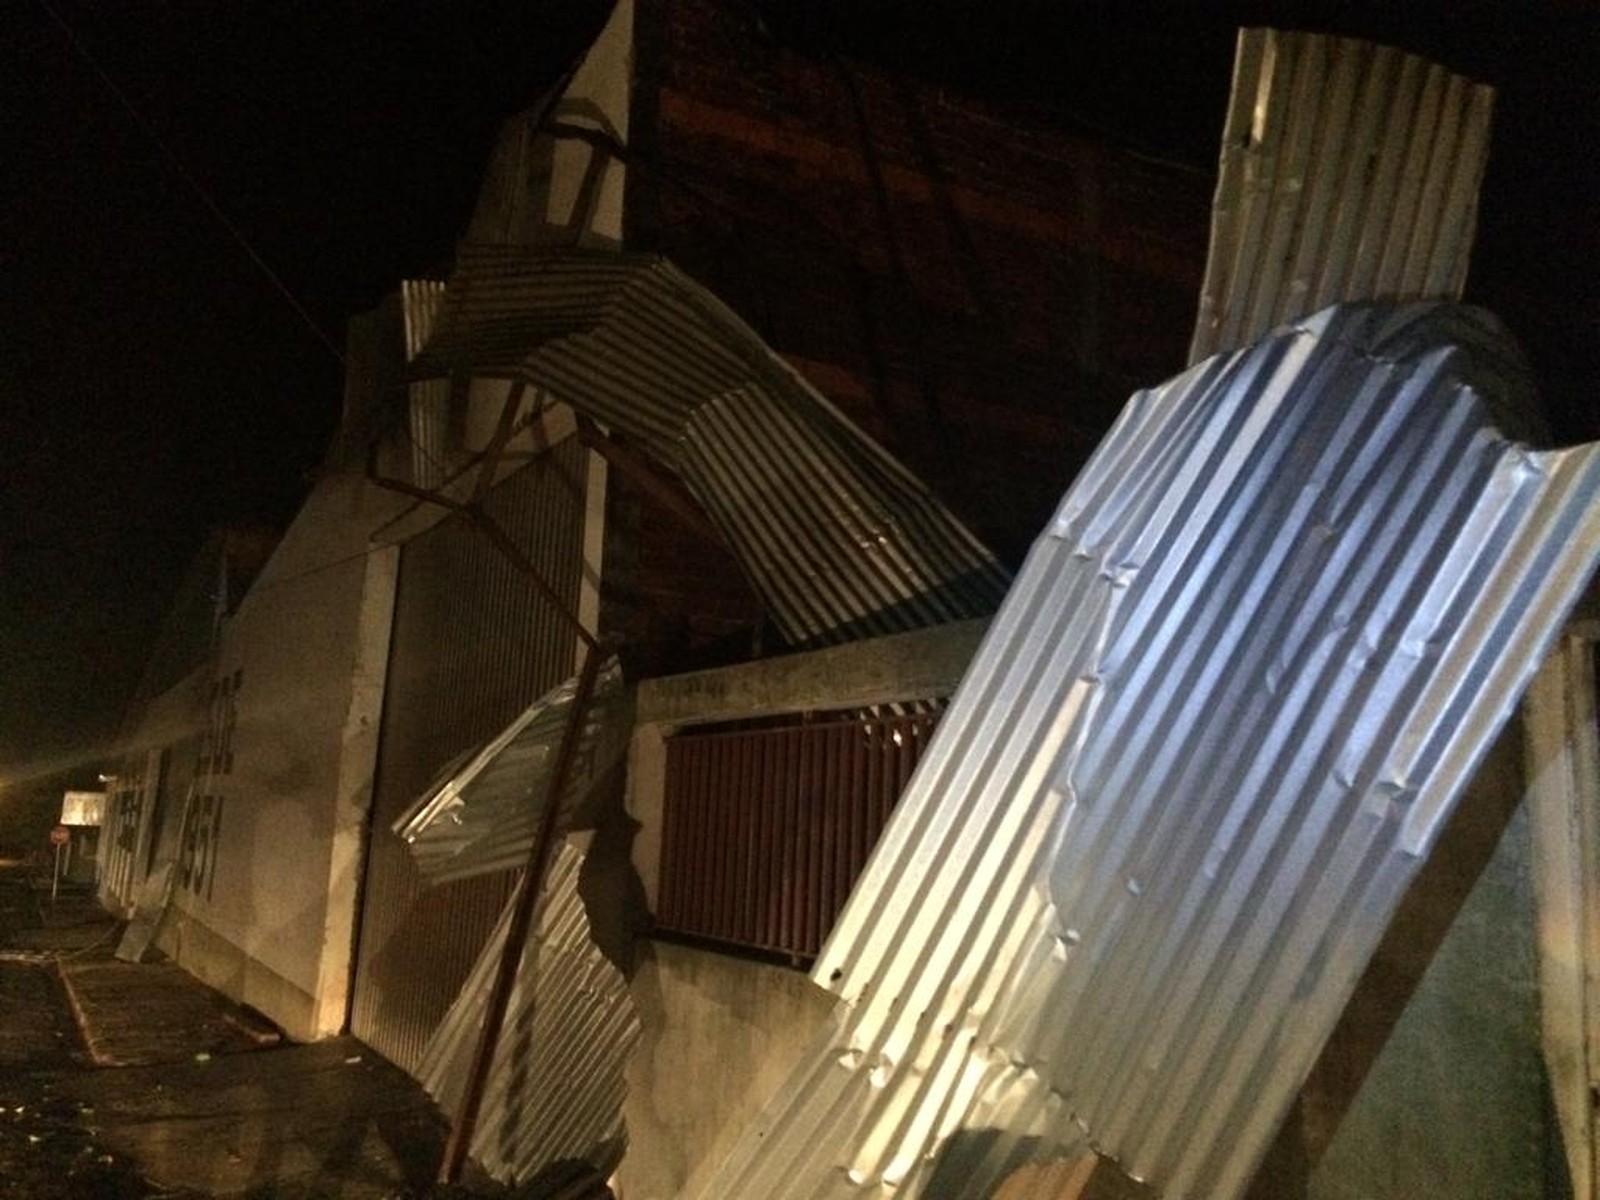 Chuva com vento forte deixa casas destelhadas em Paraguaçu Paulista — Foto: Defesa Civil/Divulgação